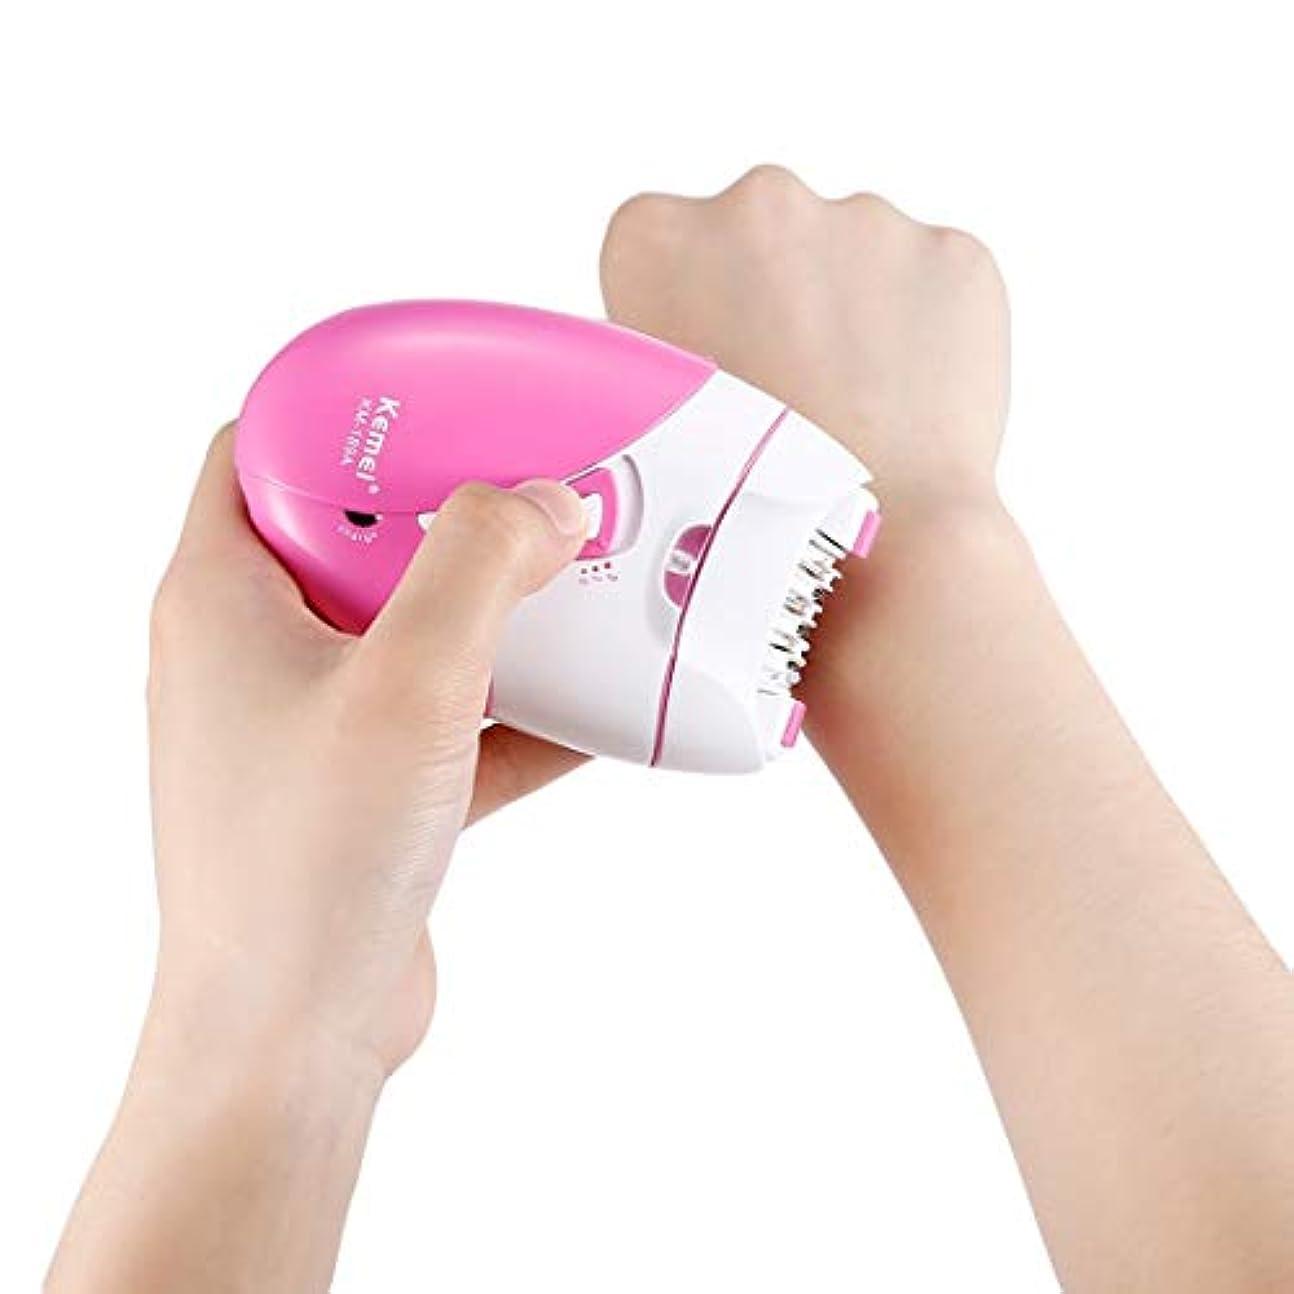 ラッドヤードキップリングケニアストレッチTrliy- Usb充電電動脱毛器、痛みのない脱毛器フェイシャルフェイスパーソナルケア美容機器ビキニボディ脇の下治療皮膚フラッシュかみそりシェーバートリマー